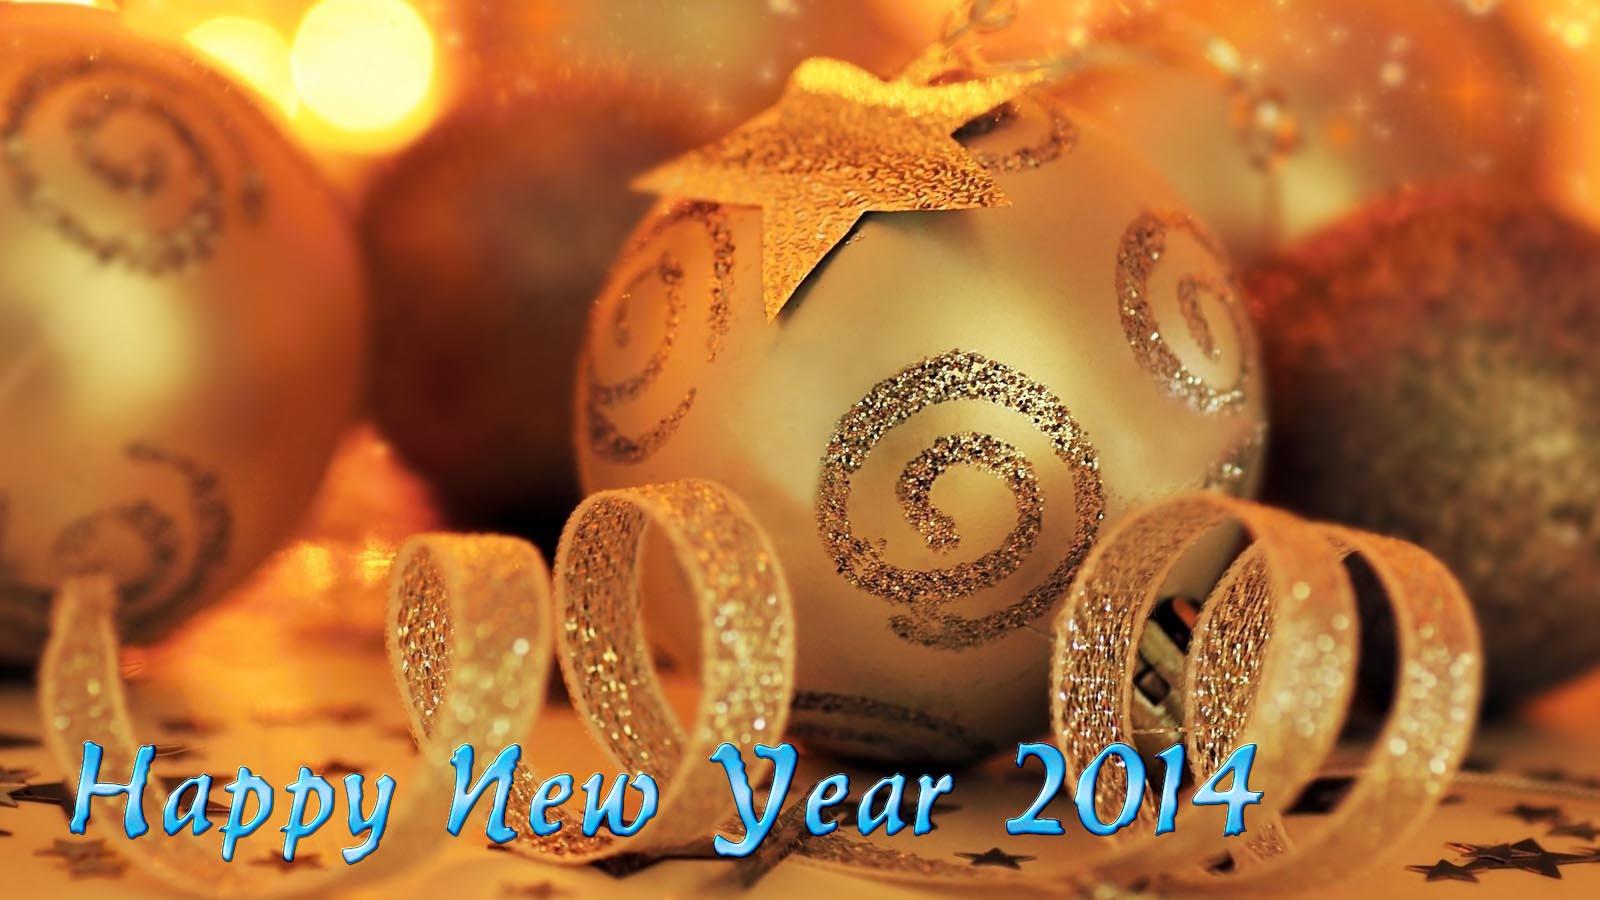 صور متحركة للكريسماس 2014 , صور متحركة تهنئة بالعيد الكريسماس 2014